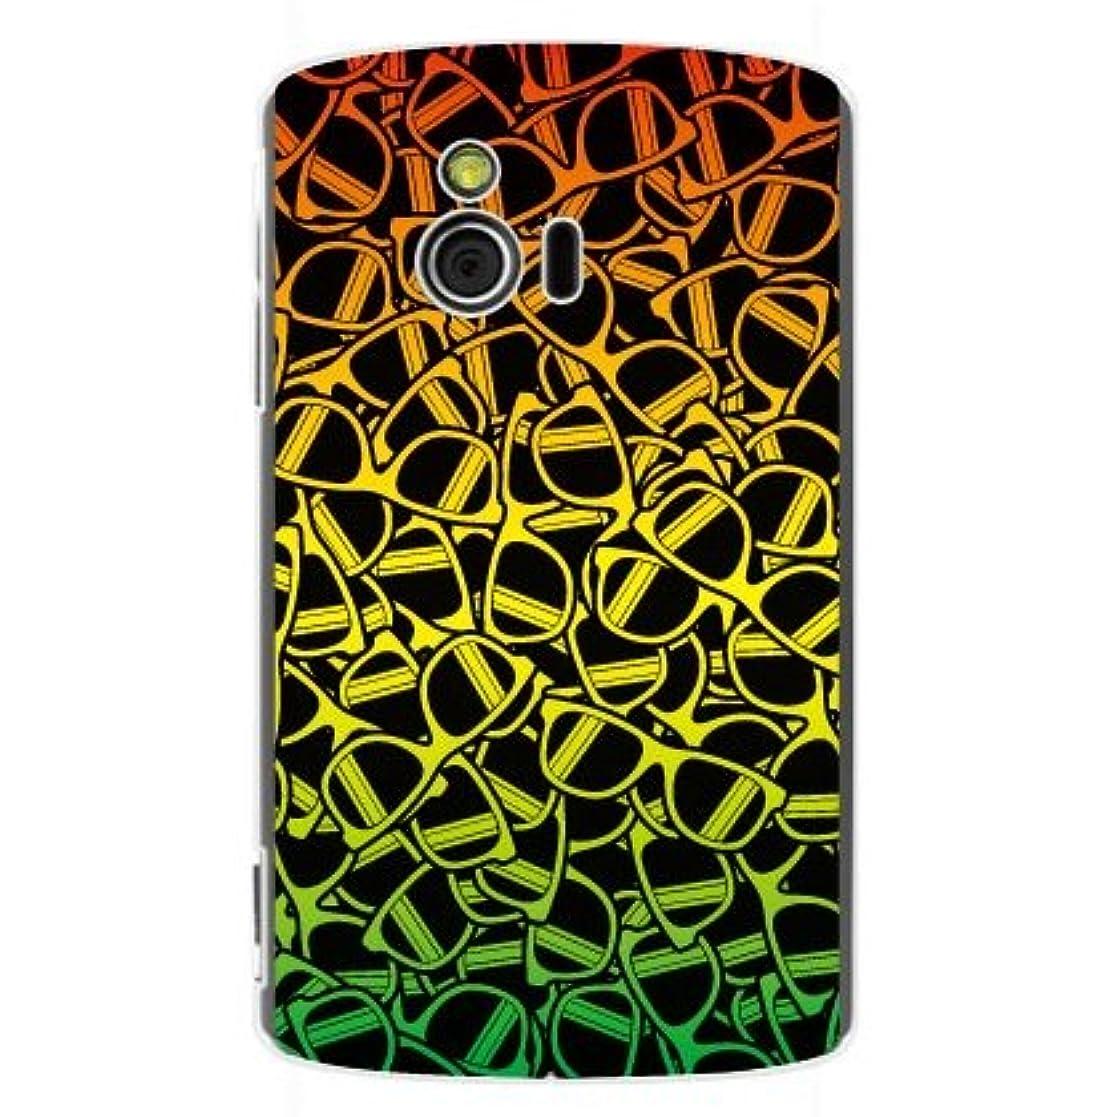 評決マークされた国旗YESNO サングラス ラスタ (クリア) / for Sony Ericsson mini S51SE/EMOBILE ESEM51-PCCL-201-N028